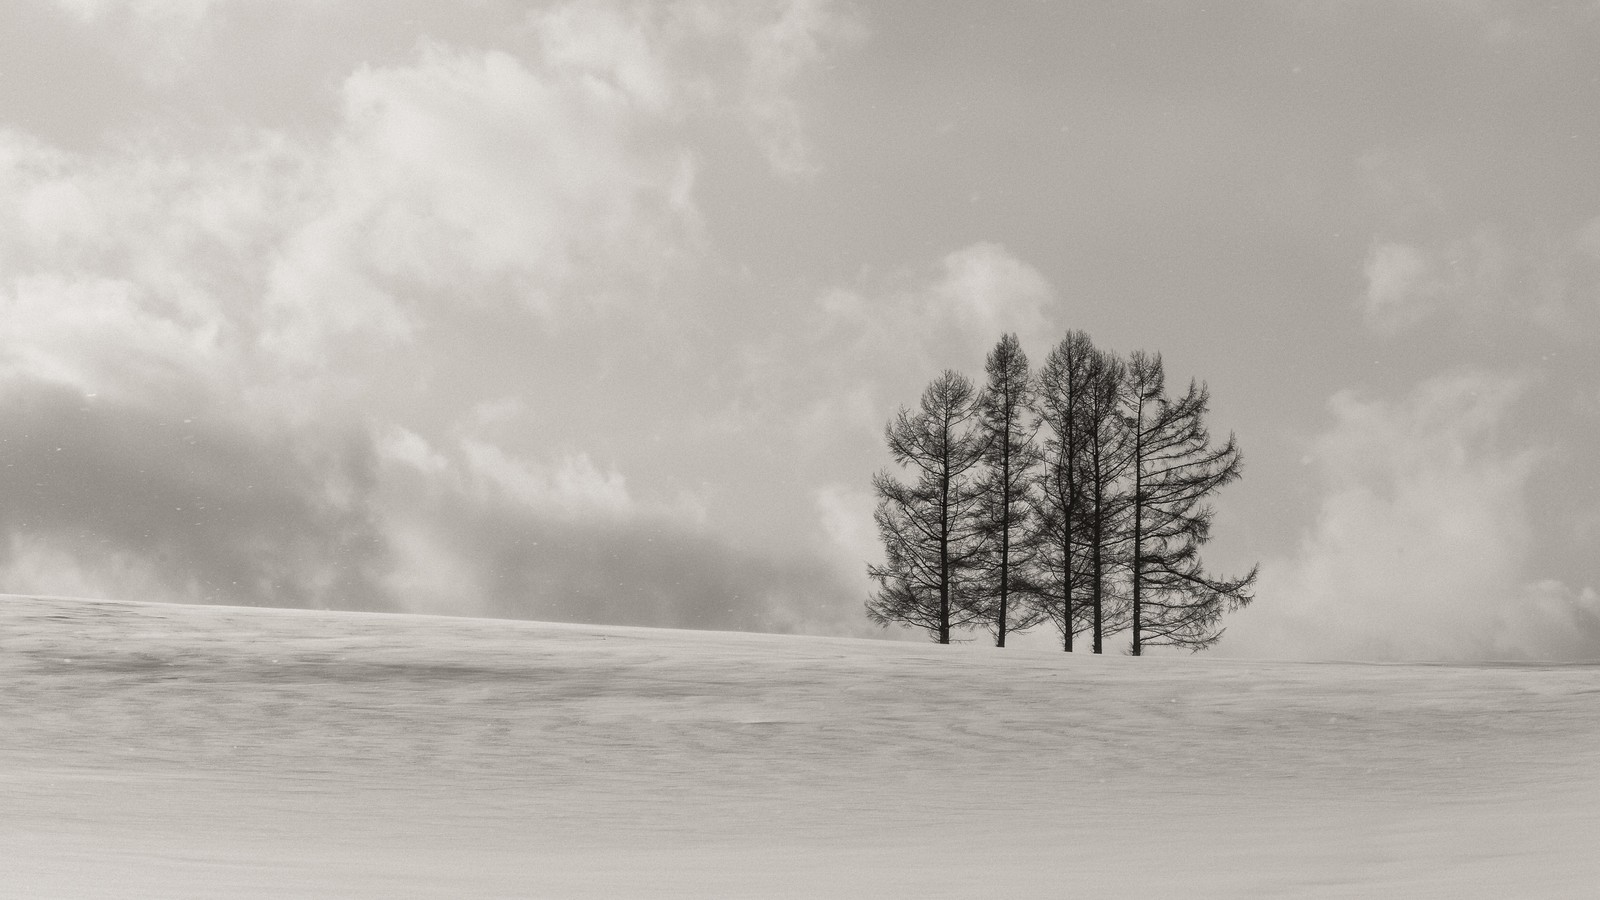 「雪原に生える5本の木 | 写真の無料素材・フリー素材 - ぱくたそ」の写真